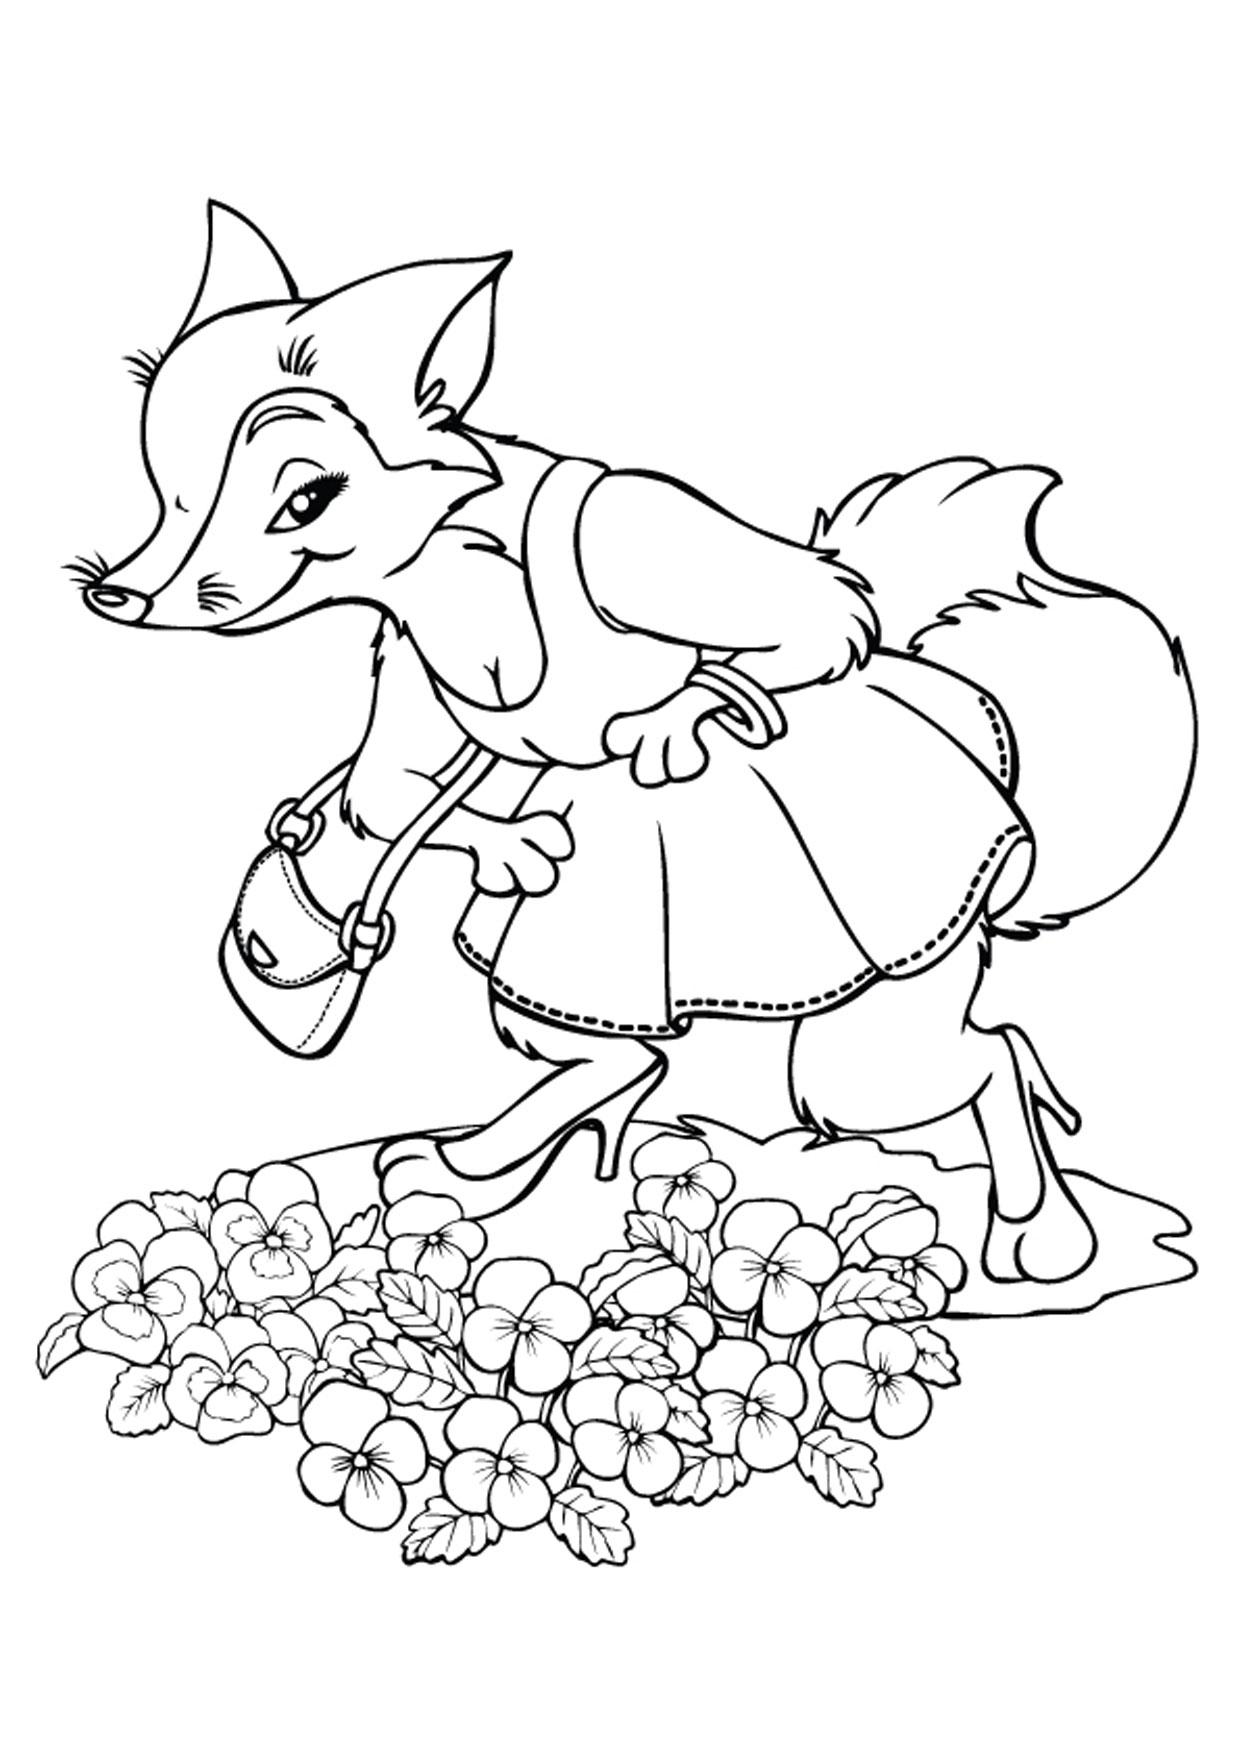 Disegno di volpe cartoon da colorare 17